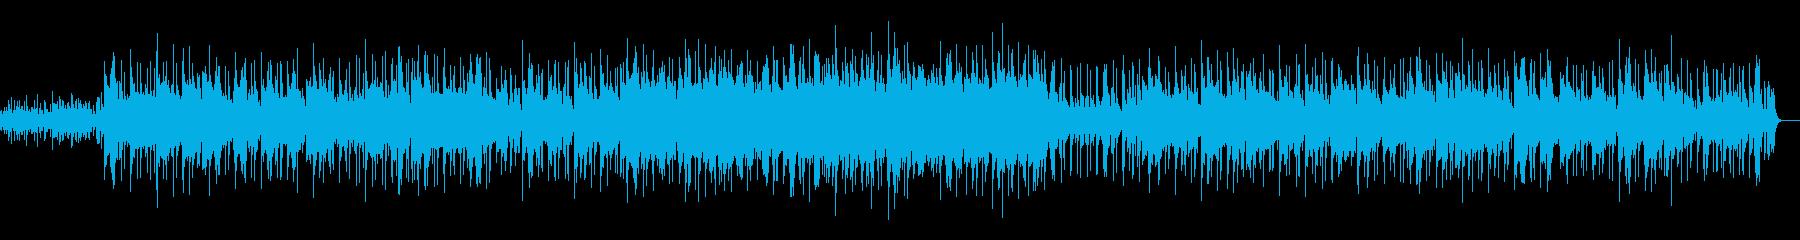 エレガントな雰囲気に合うジャズ以外の音の再生済みの波形